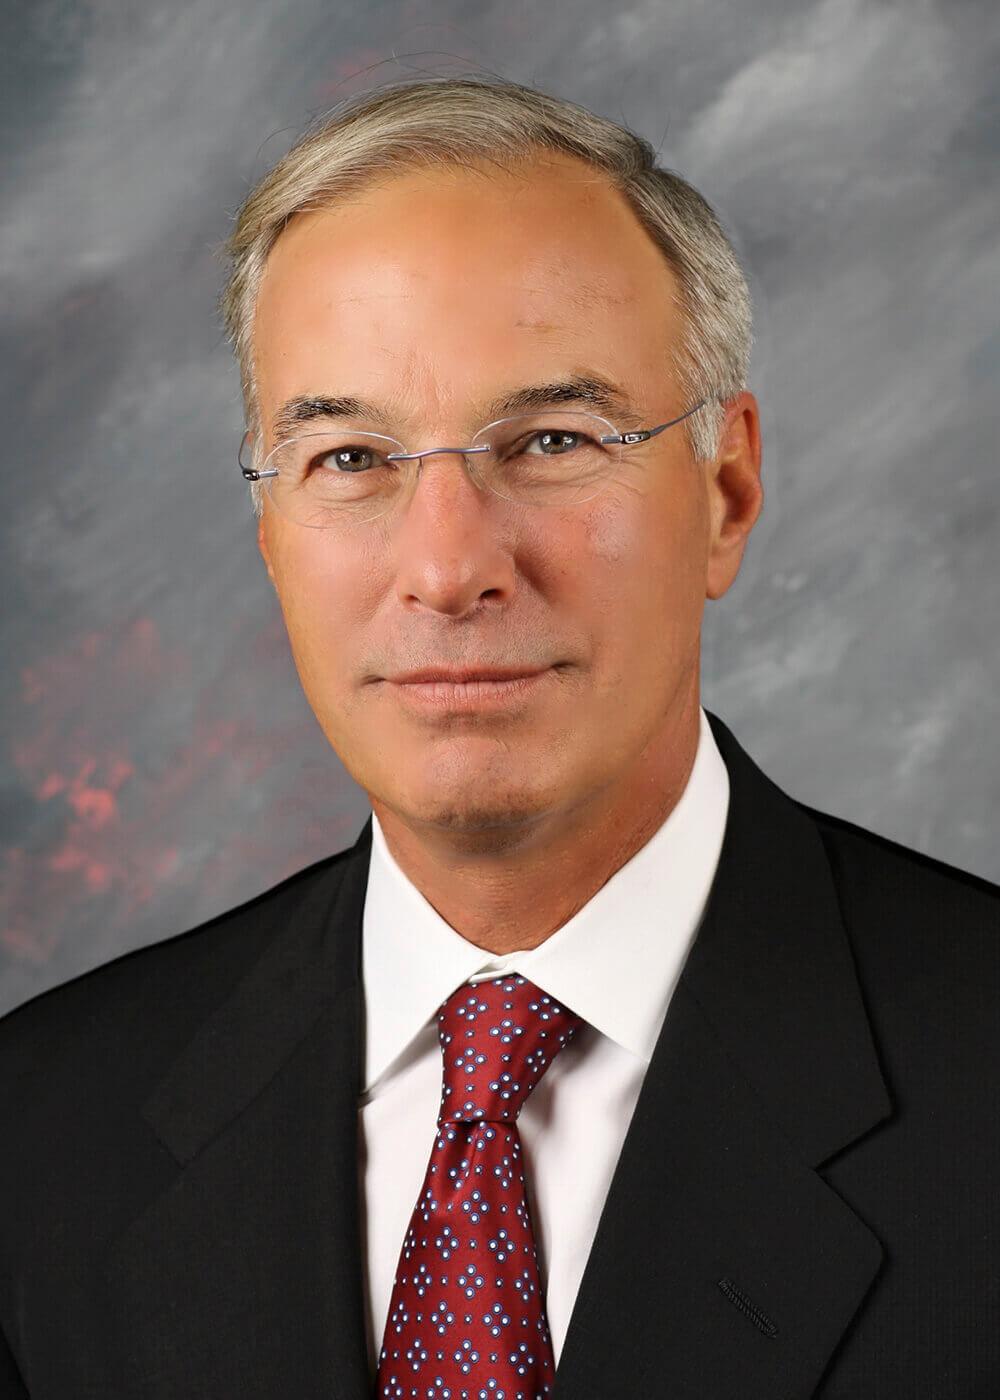 Steven J. Pozycki